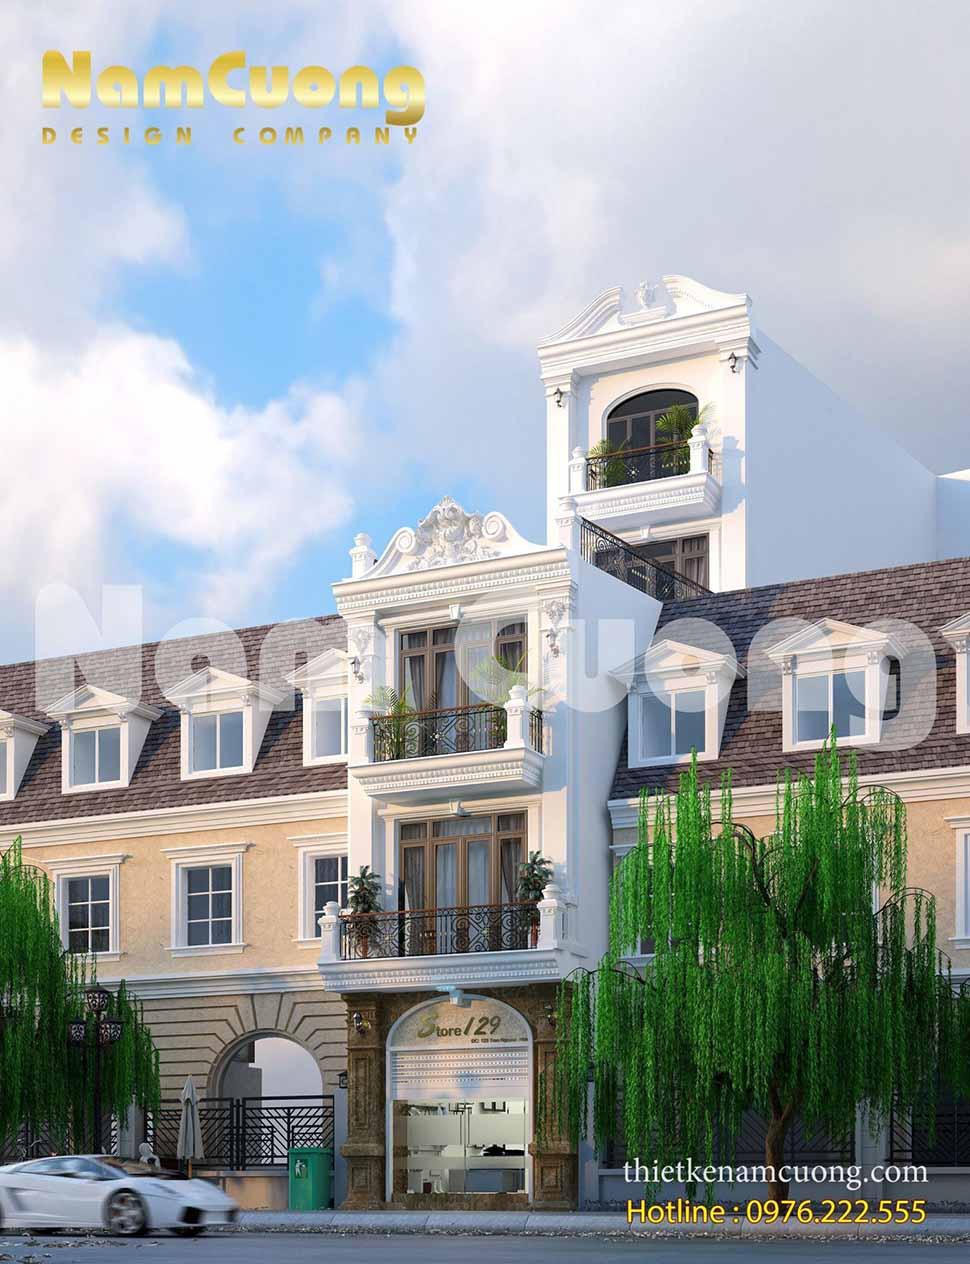 Thiết kế kiến trúc khách sạn tân cổ điển 5 tầng